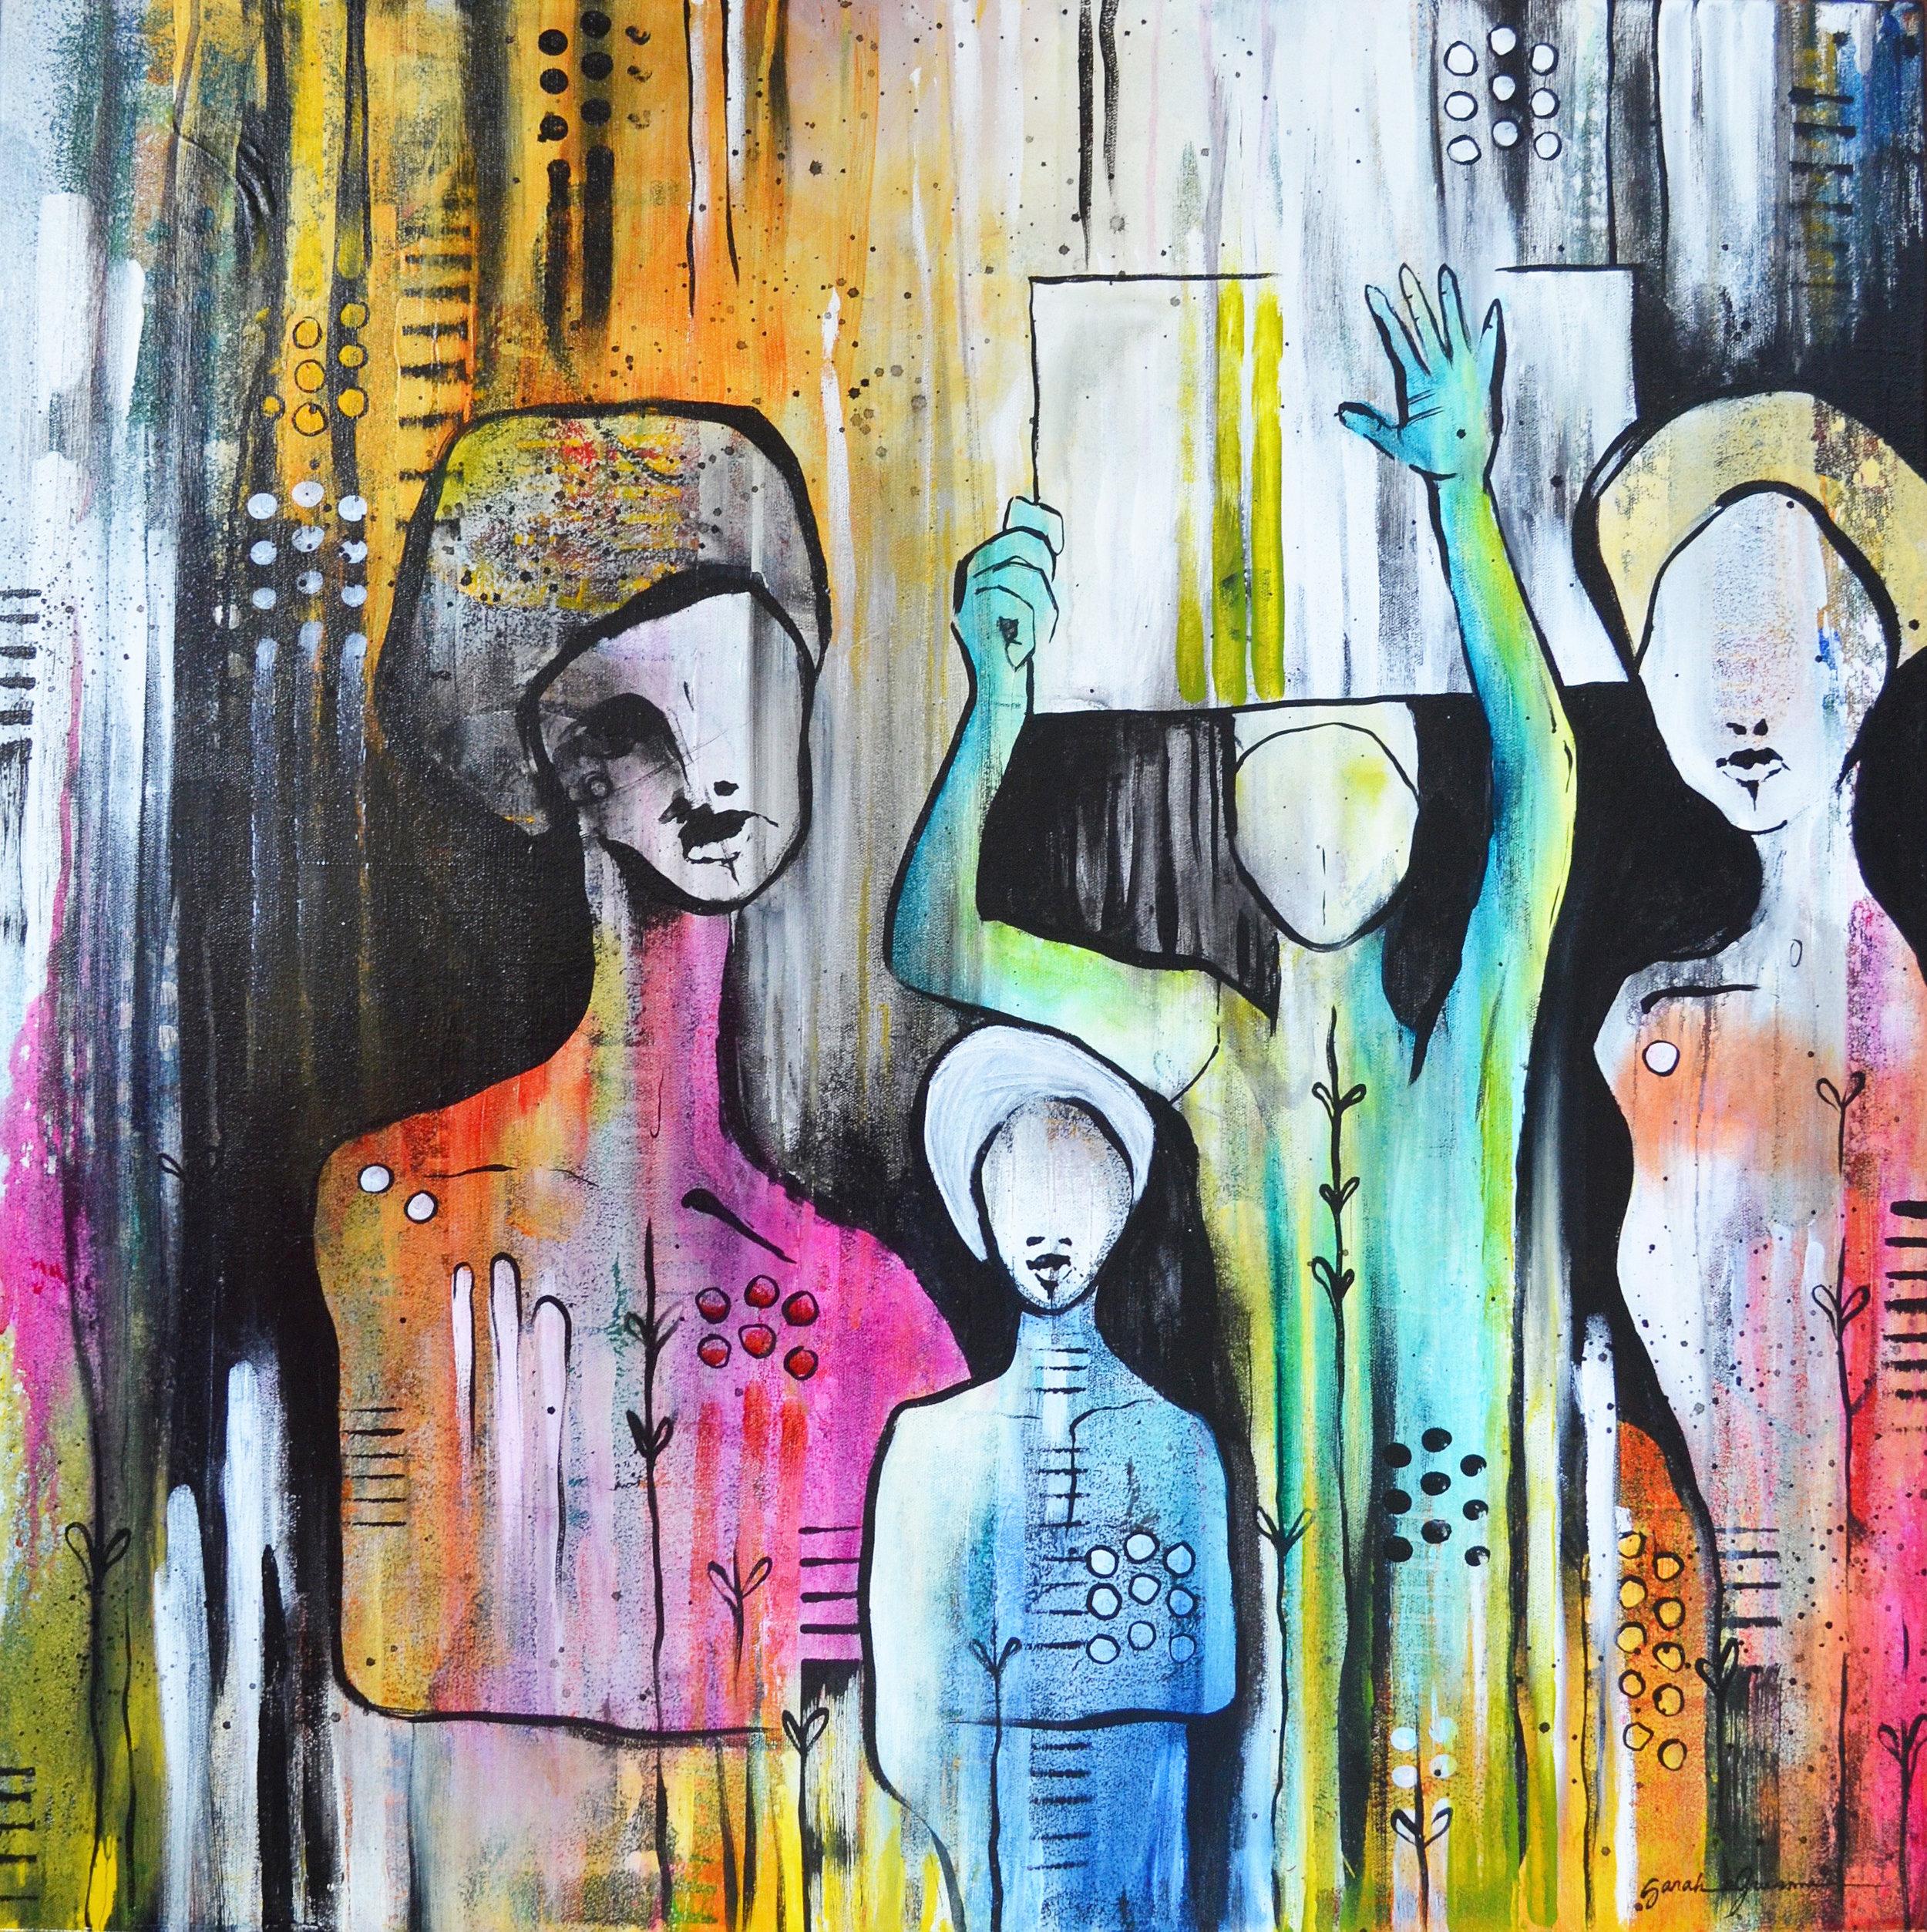 Seraphim  | 30 x 30 inch acrylic on canvas